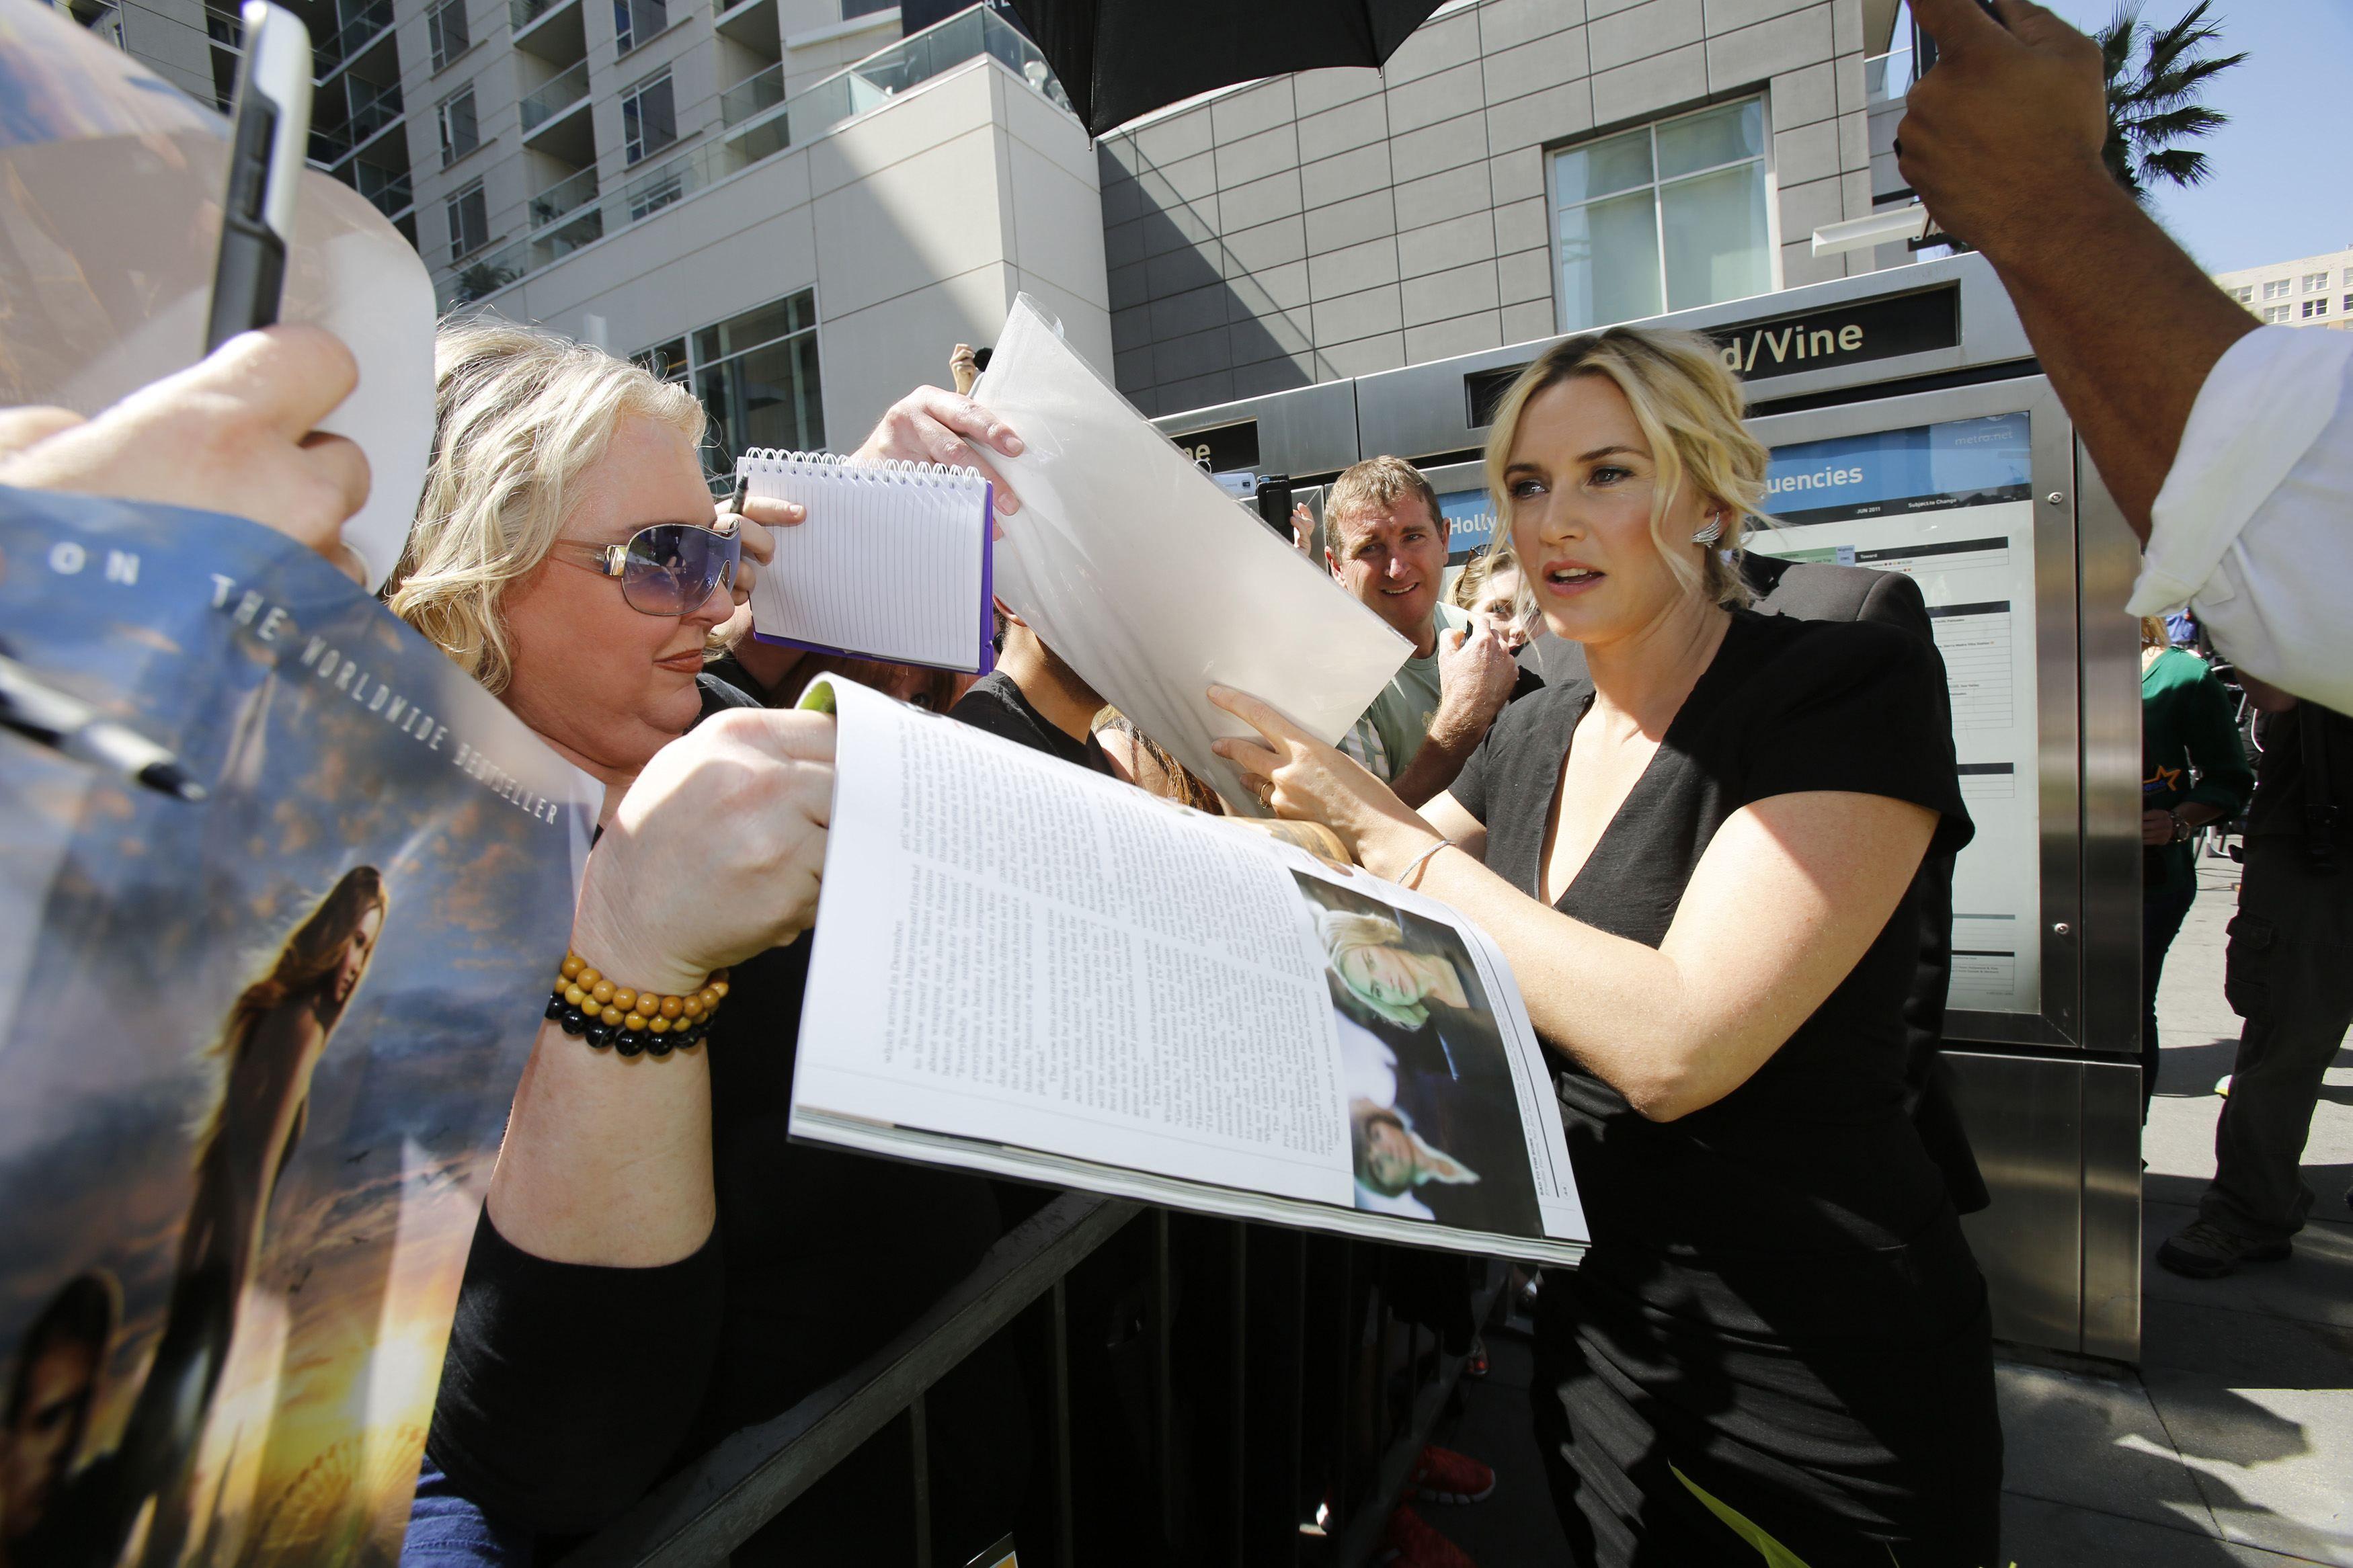 Кейт Уинслет удостоилась звезды на Аллее славы: опубликованы фото